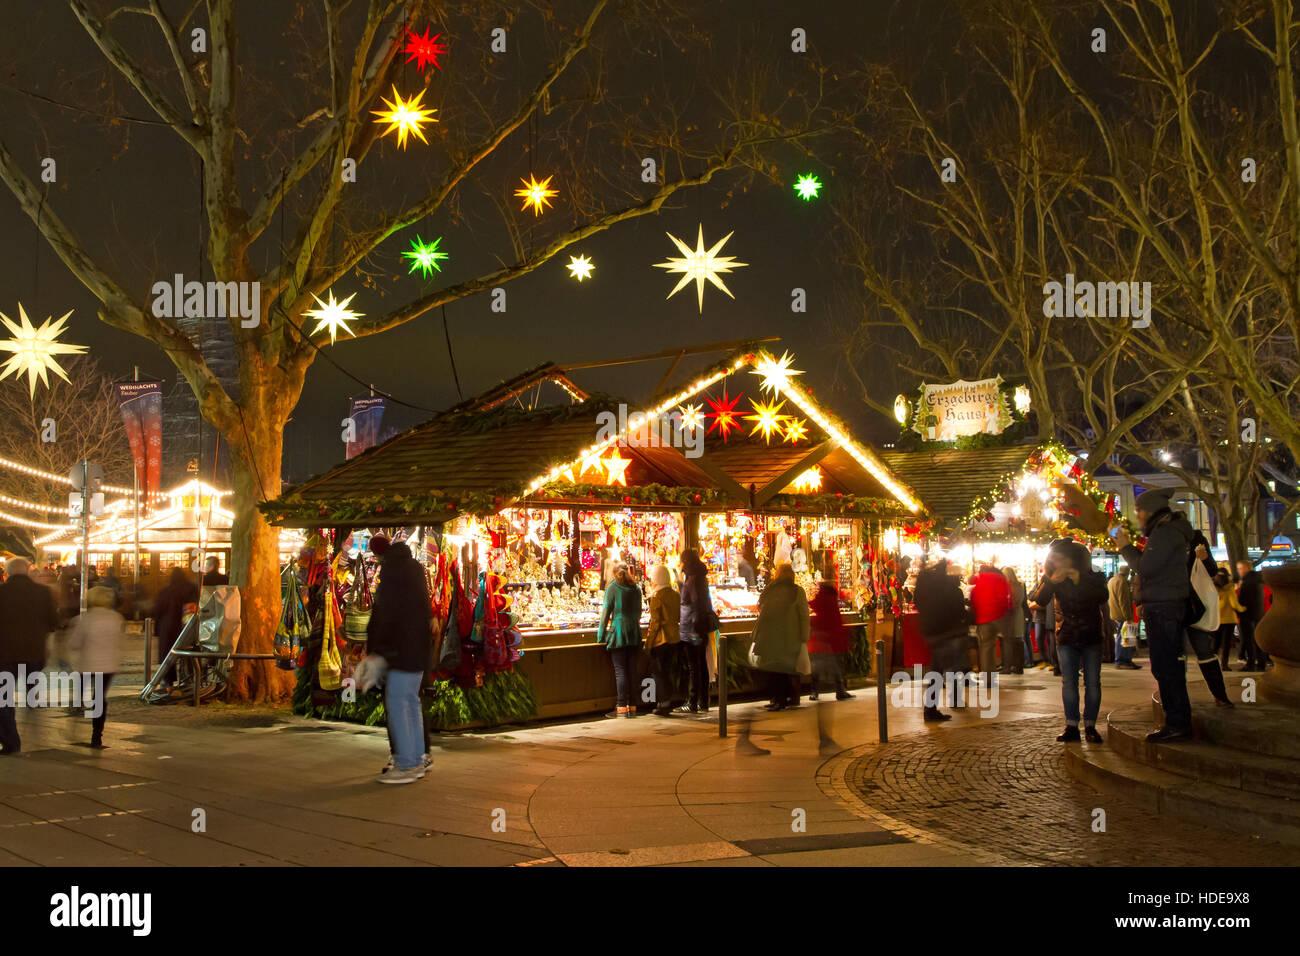 Christmas In Stuttgart Germany.Christmas Market In Stuttgart Germany Stock Photo